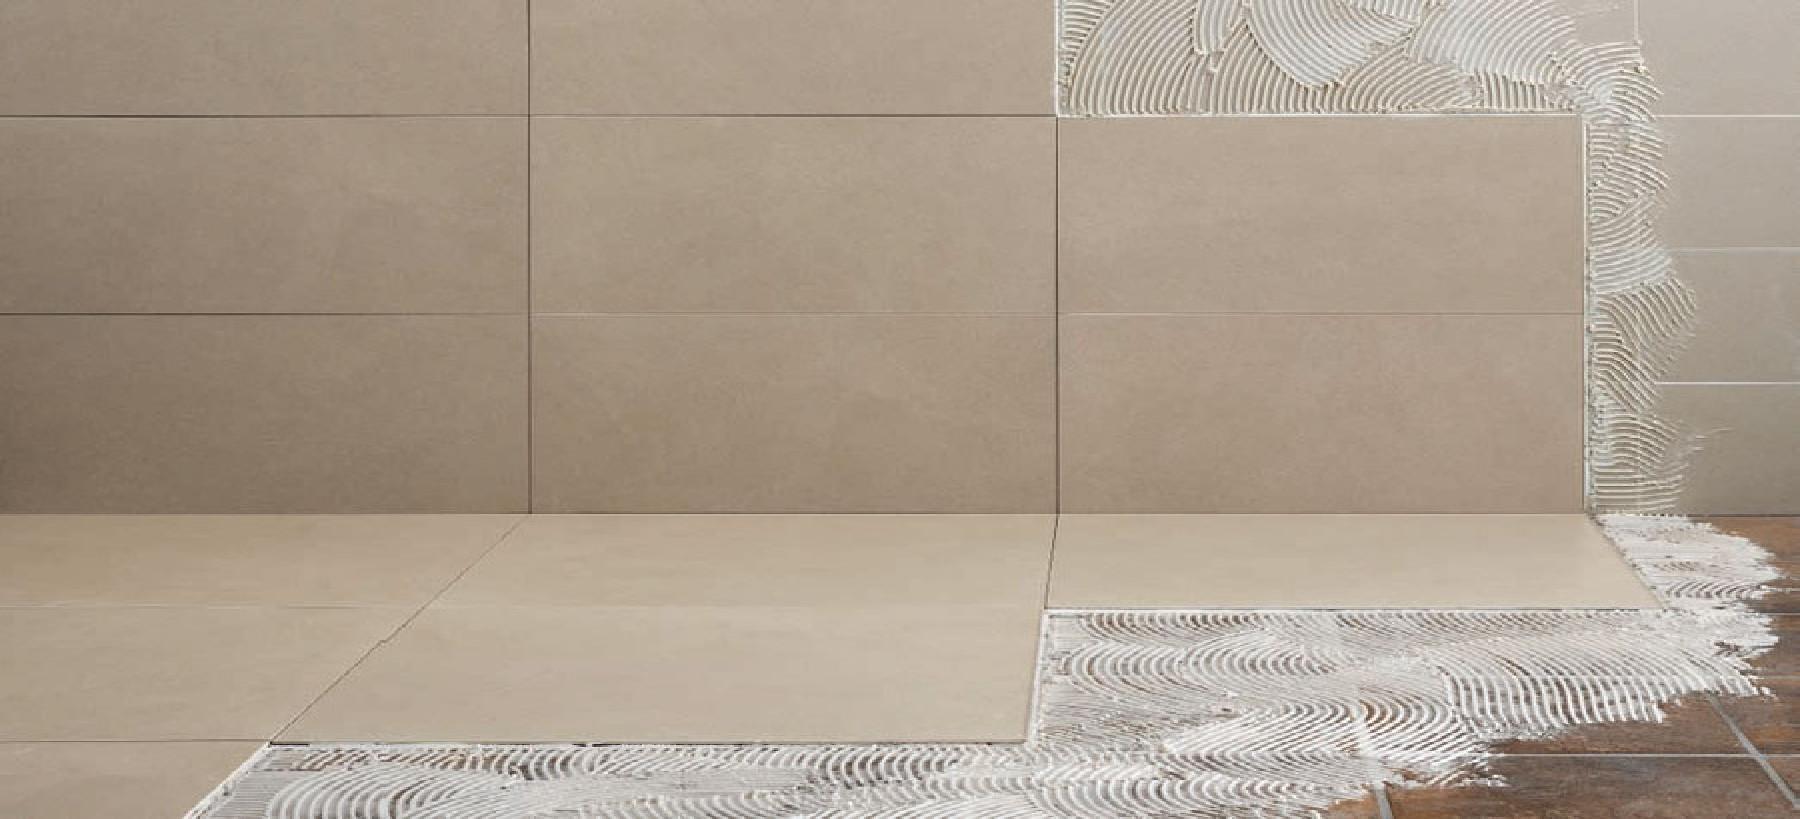 Pavimenti per esterni piastrelle sottili posa su pavimenti